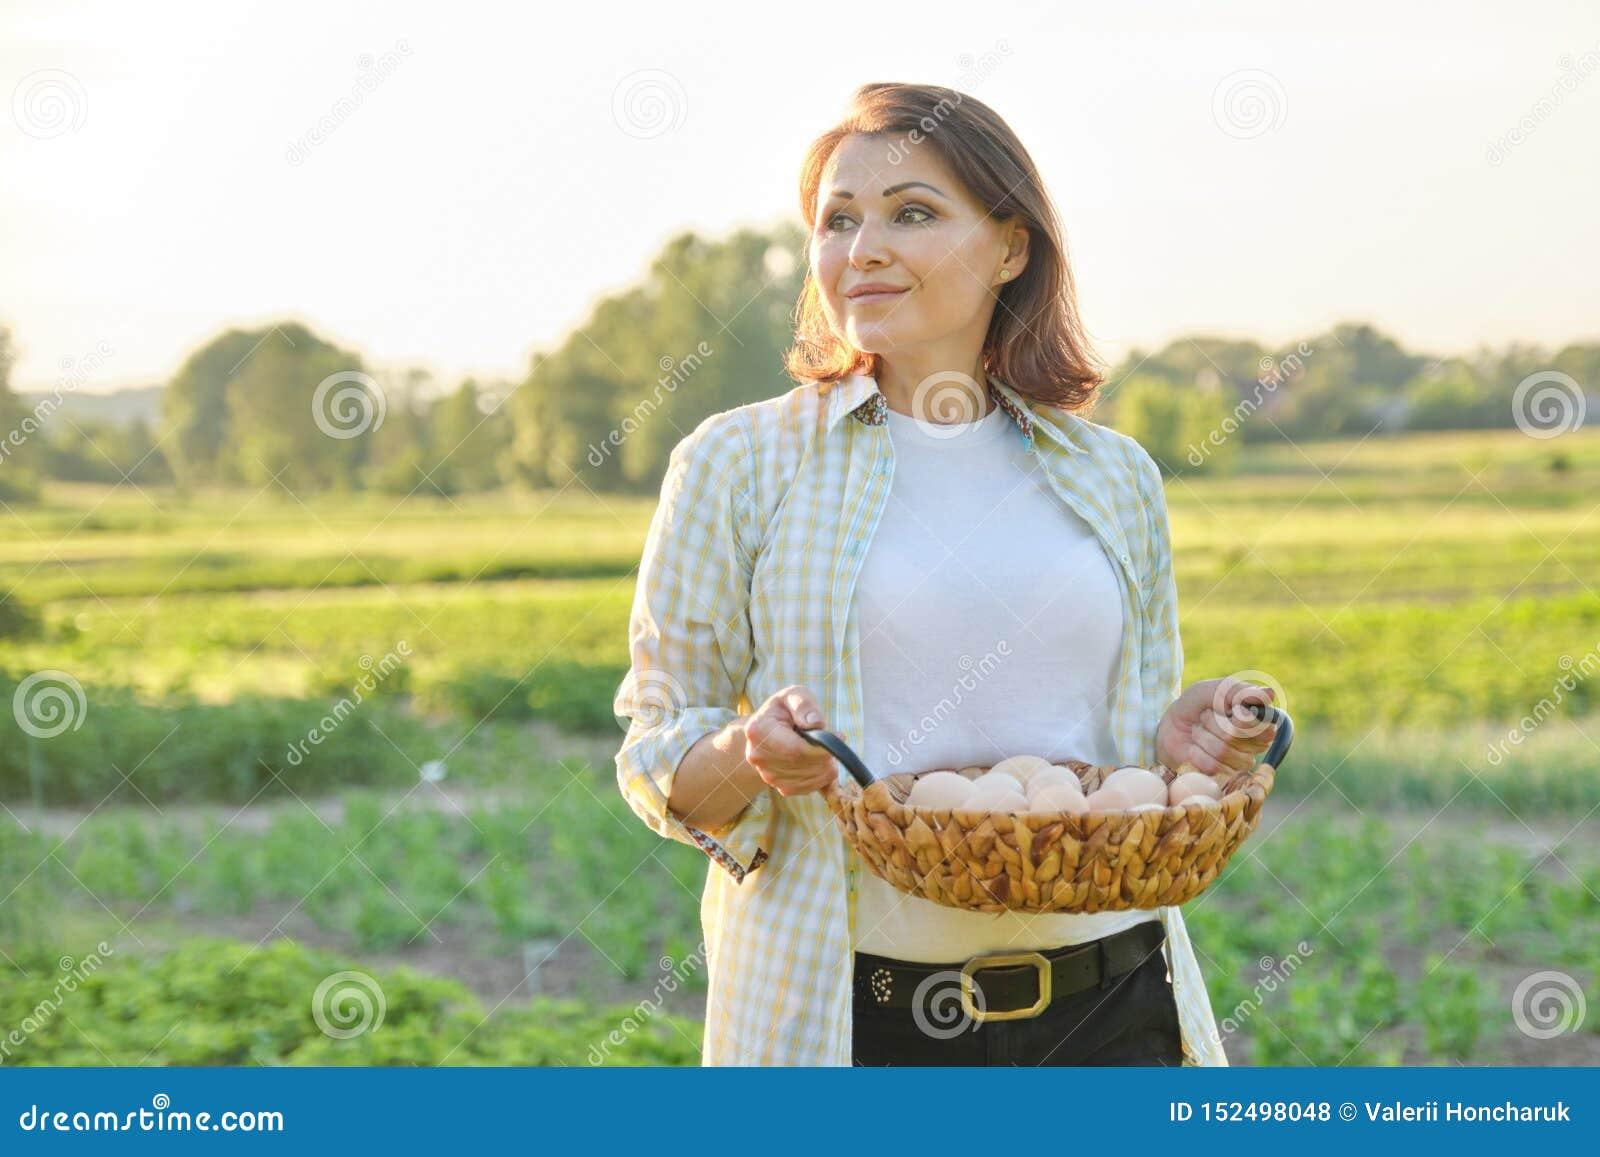 Porträt im Freien der Landwirtfrau mit Korb von frischen Hühnereien, Bauernhof